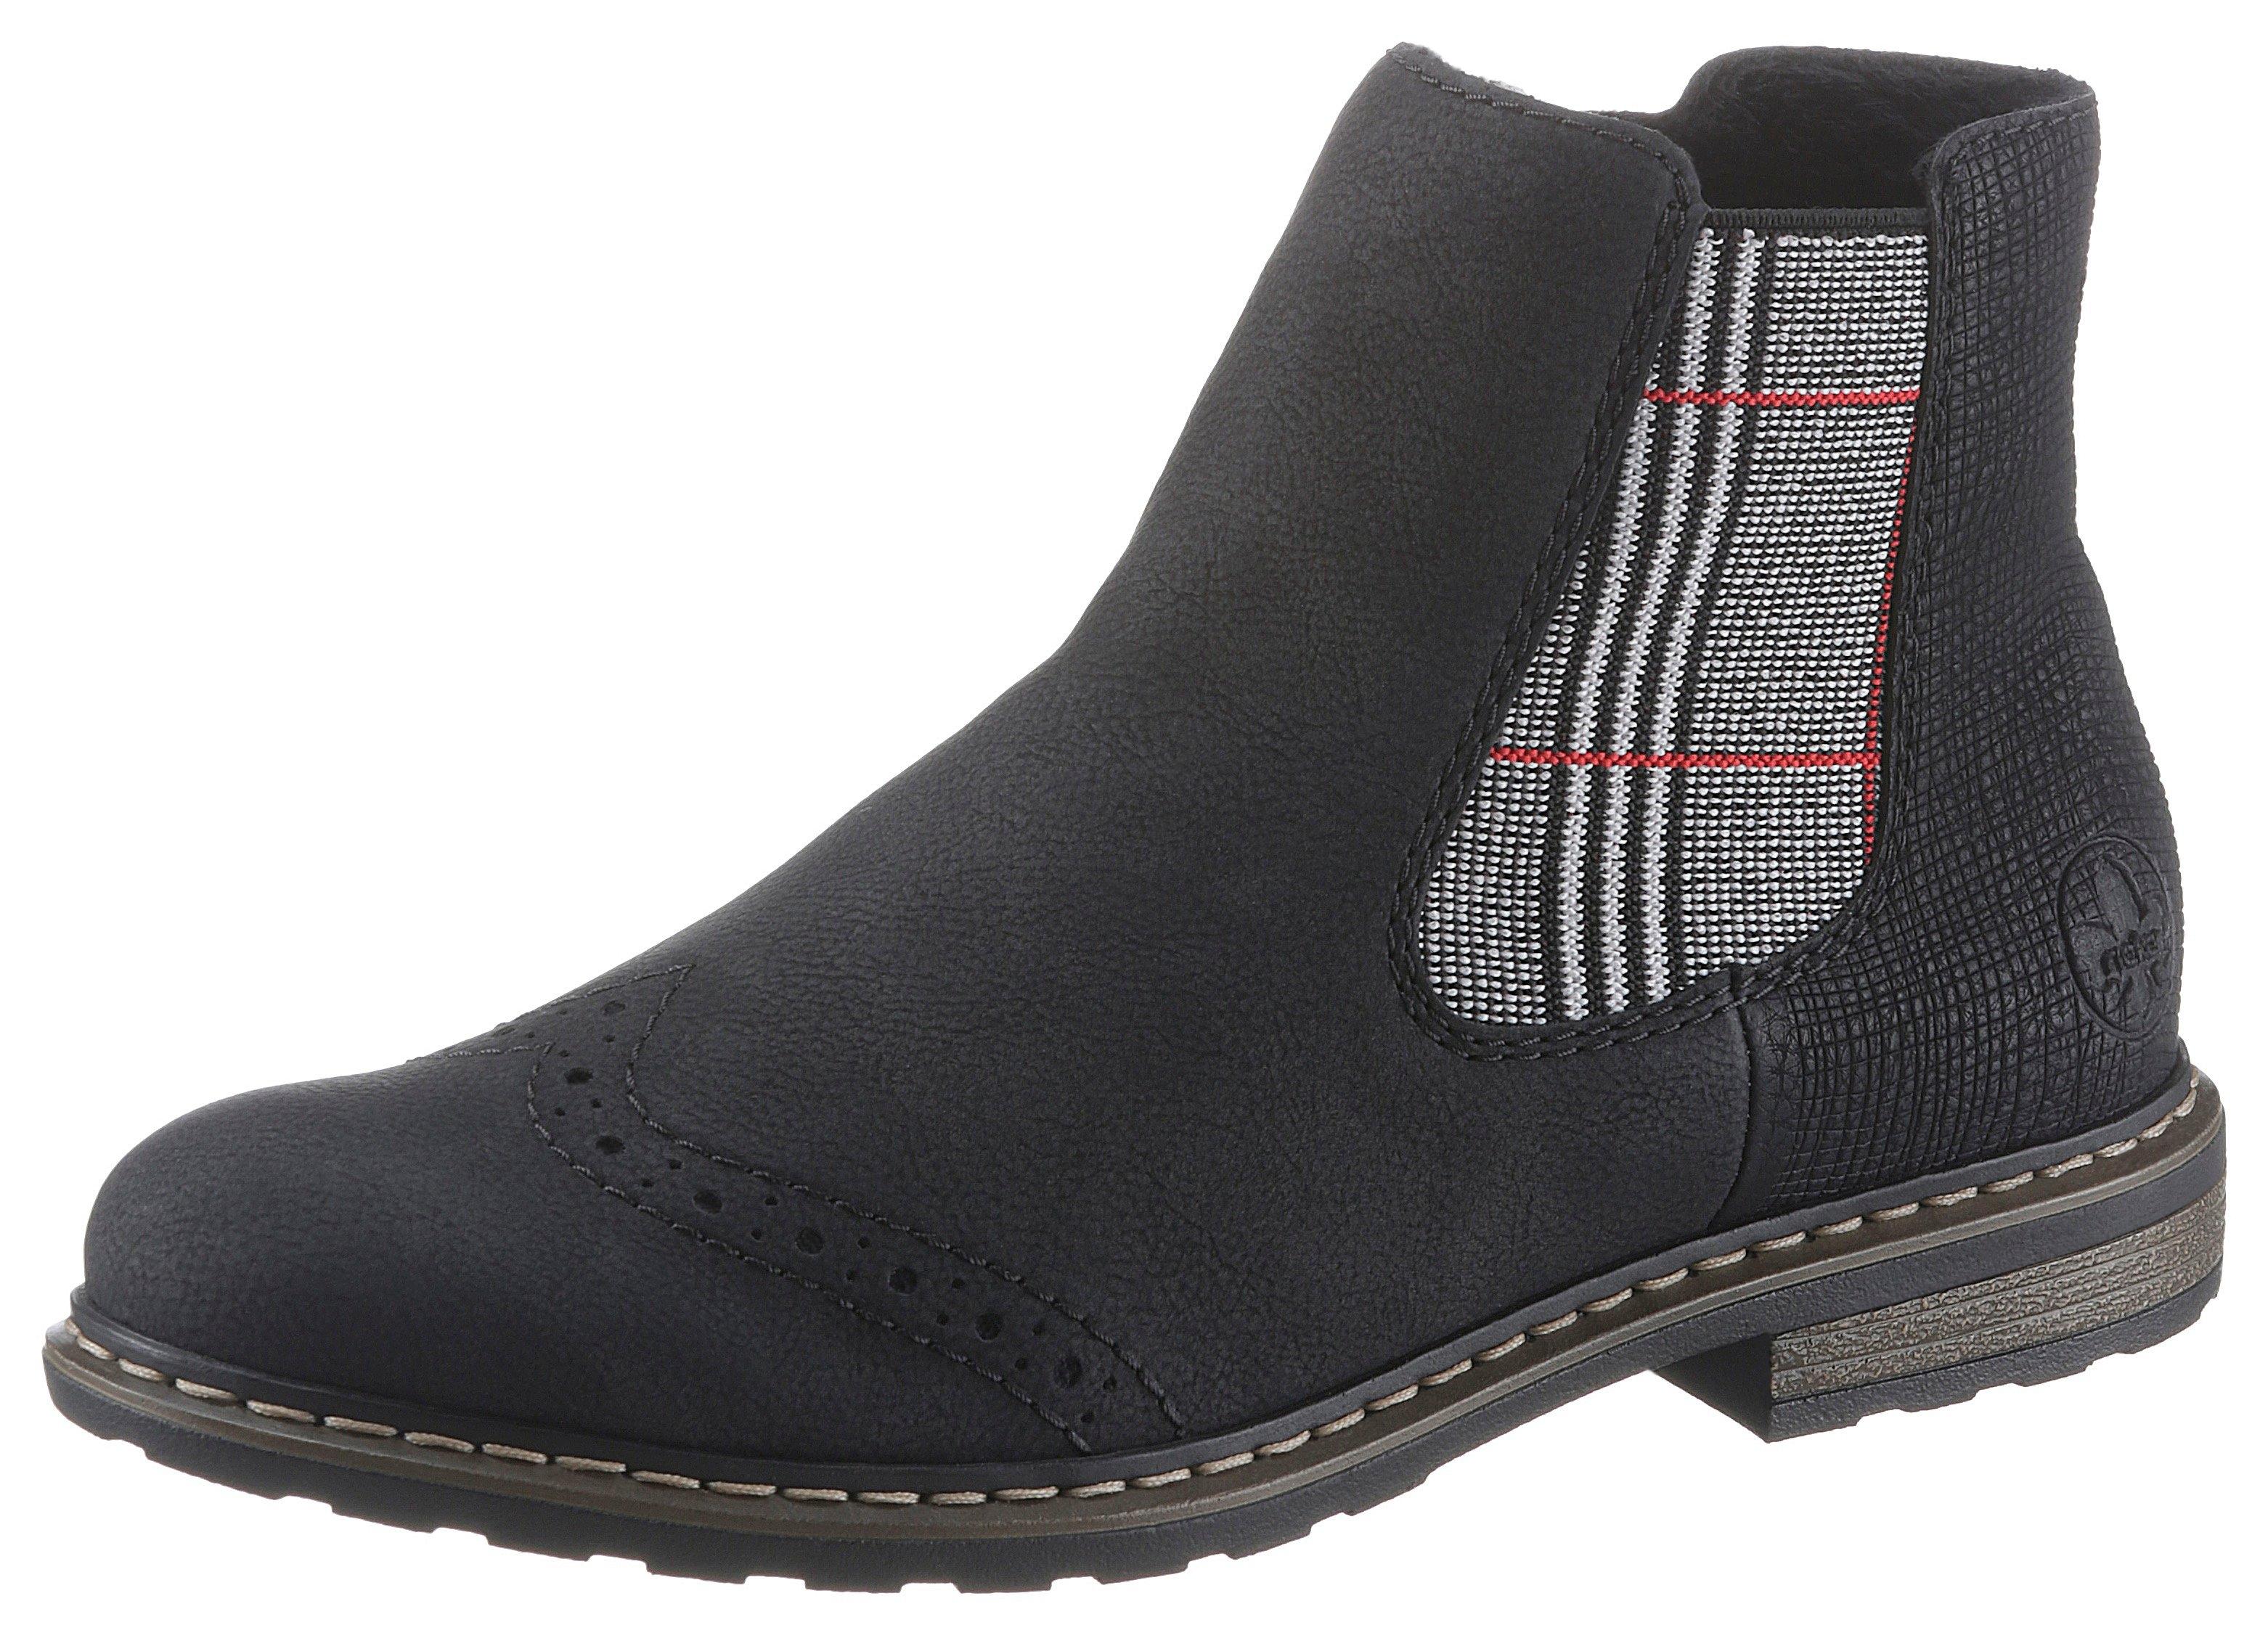 Rieker Chelsea-boots met lyra-perforaties goedkoop op otto.nl kopen